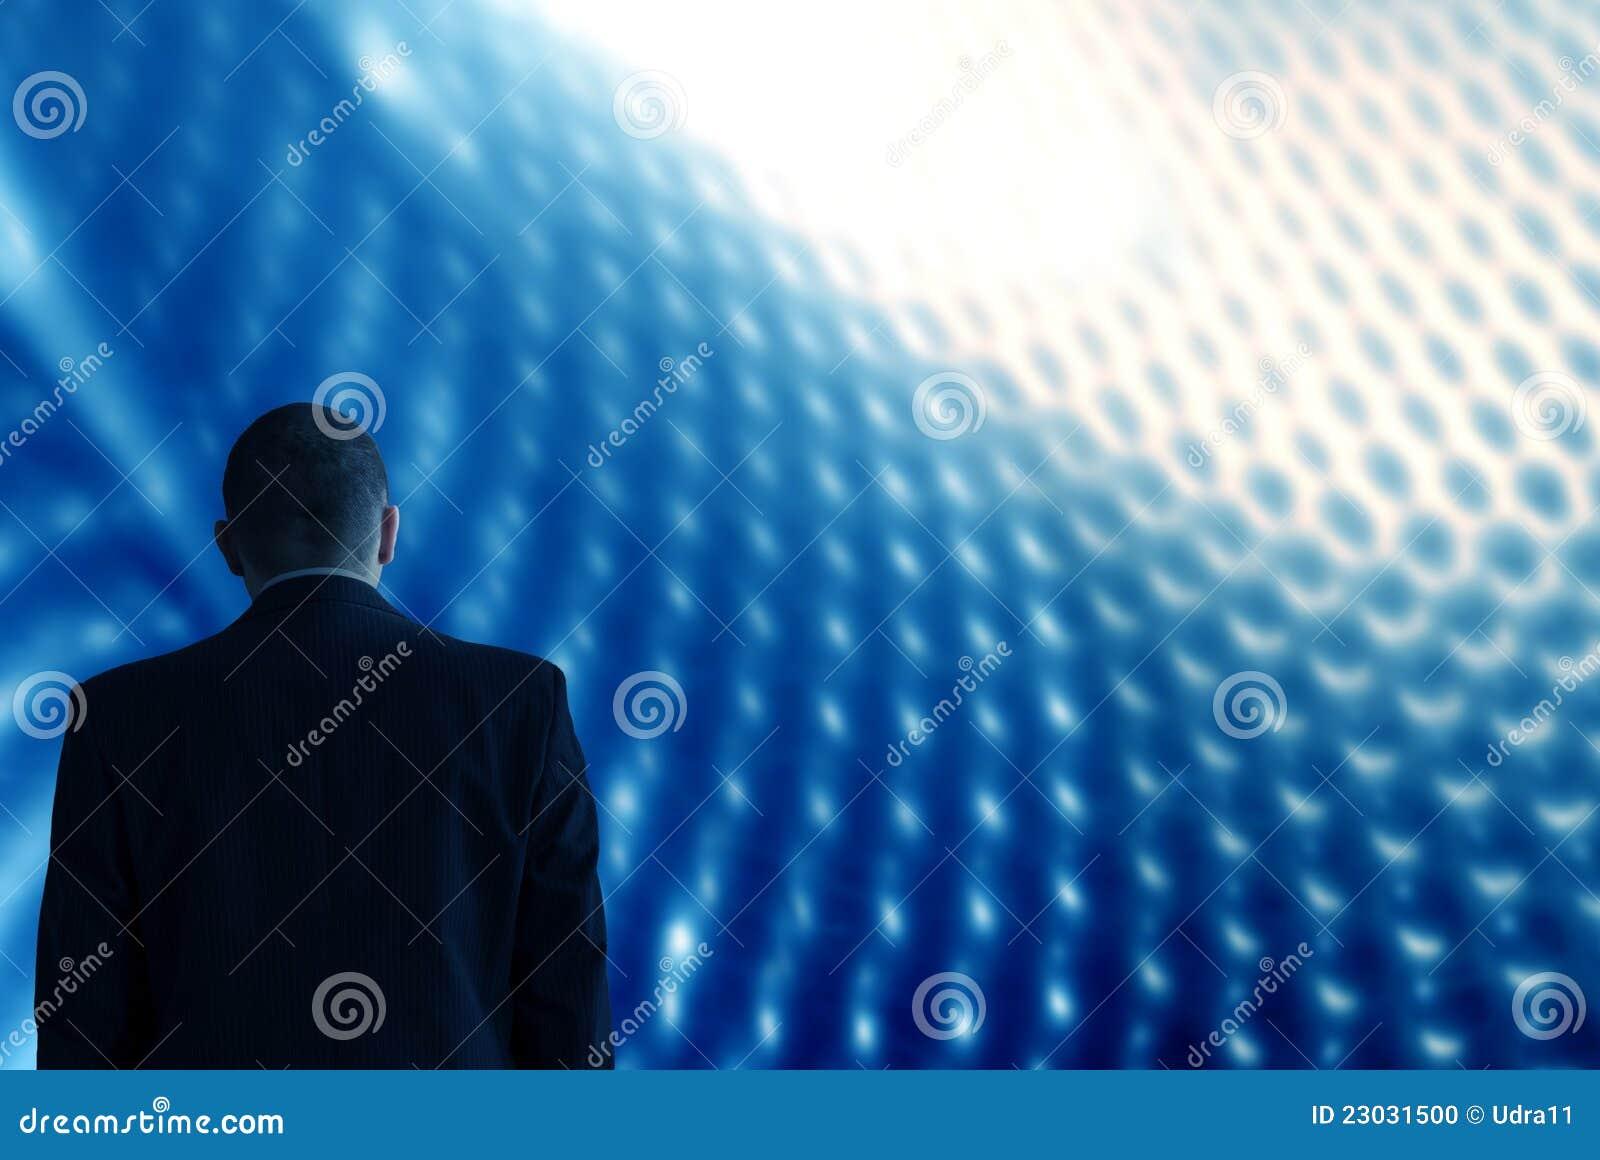 Untersuchen Sie zukünftiges Technologiehintergrundblau